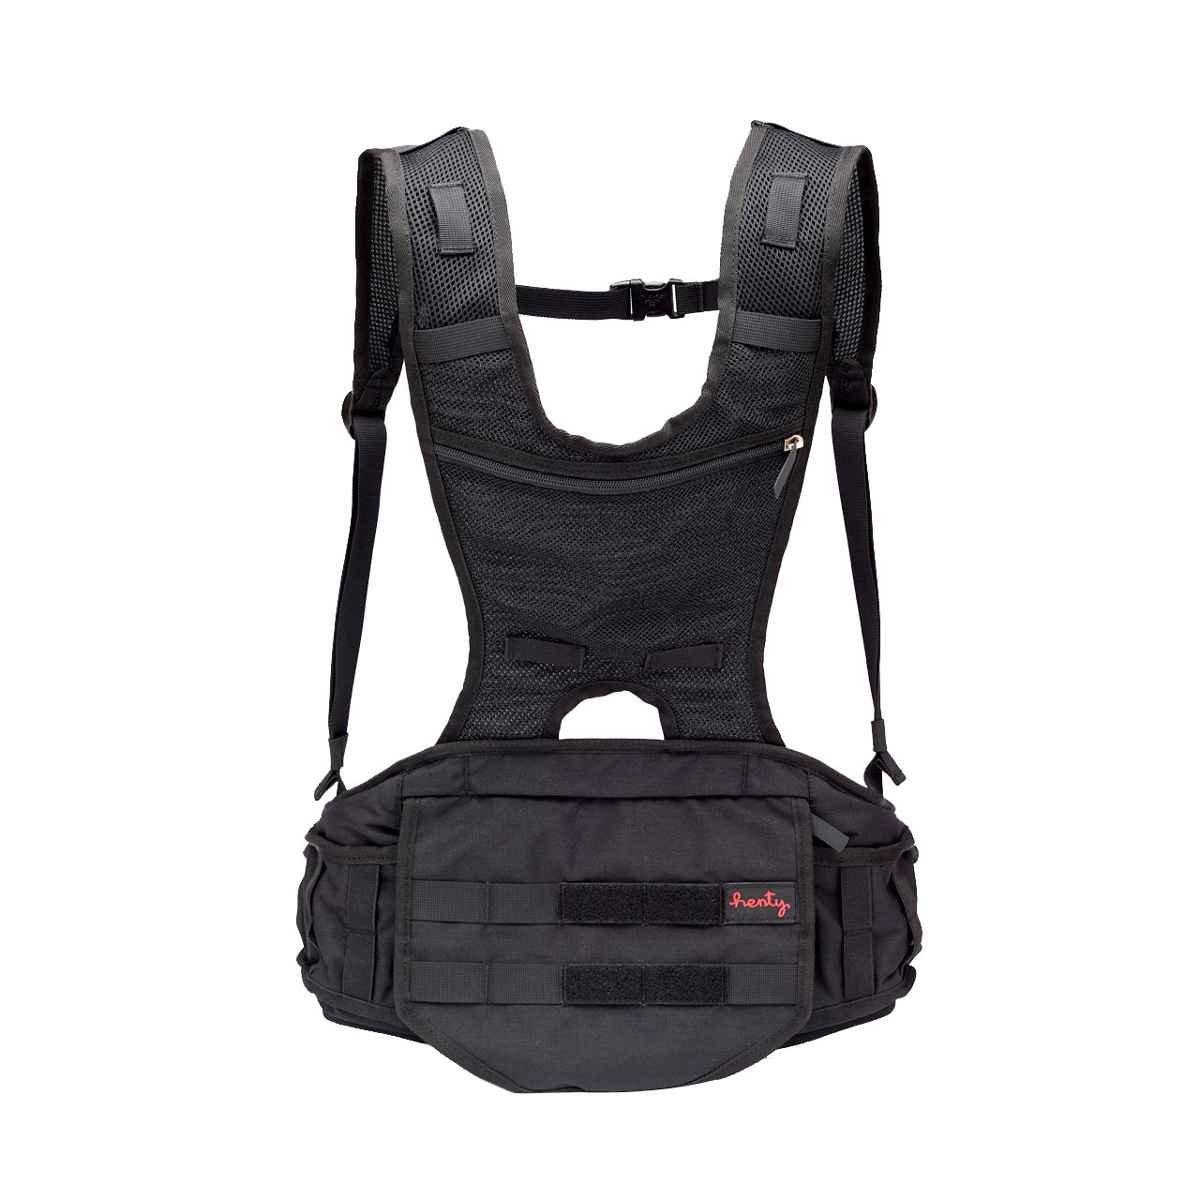 Henty Enduroバックパック – ブラック   B077Q44YRZ